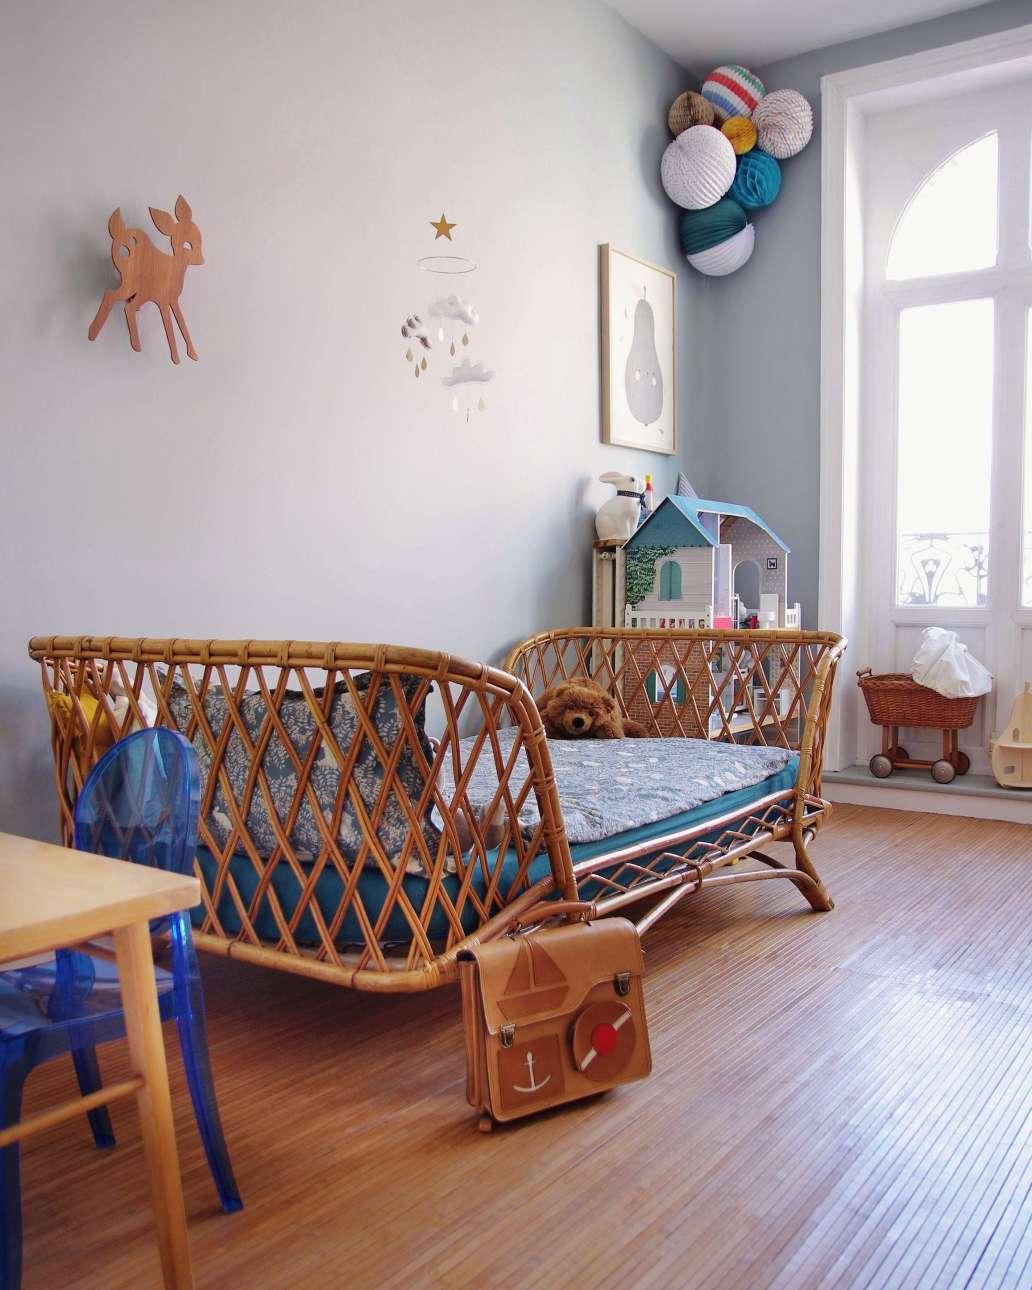 mathilde merlin 3C4l8JNAsLA unsplash 2 1639x2048 - 9 objets rétro à intégrer dans une décoration vintage